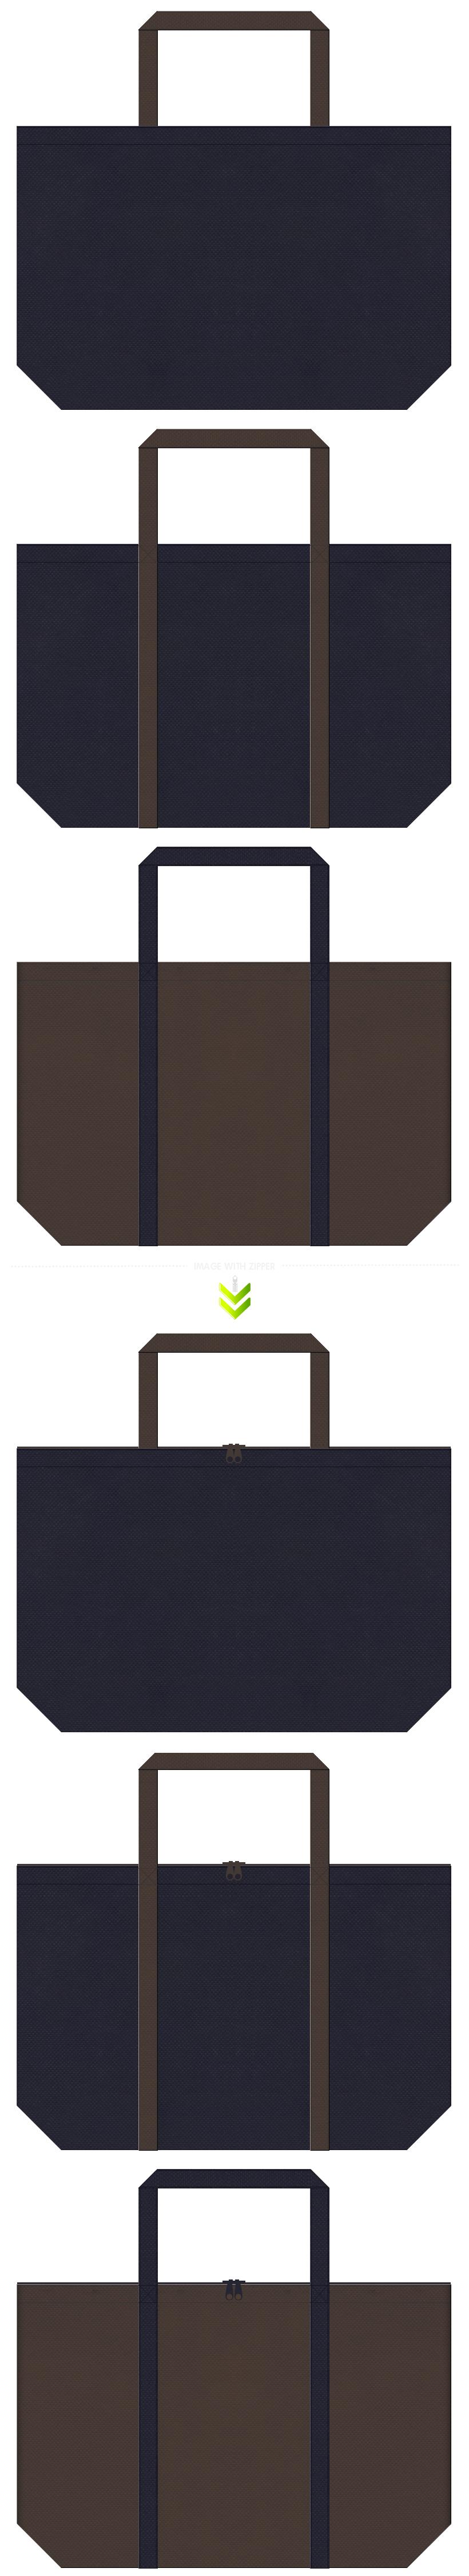 濃紺色とこげ茶色の不織布エコバッグのデザイン。メンズファッションのショッピングバッグにお奨めです。